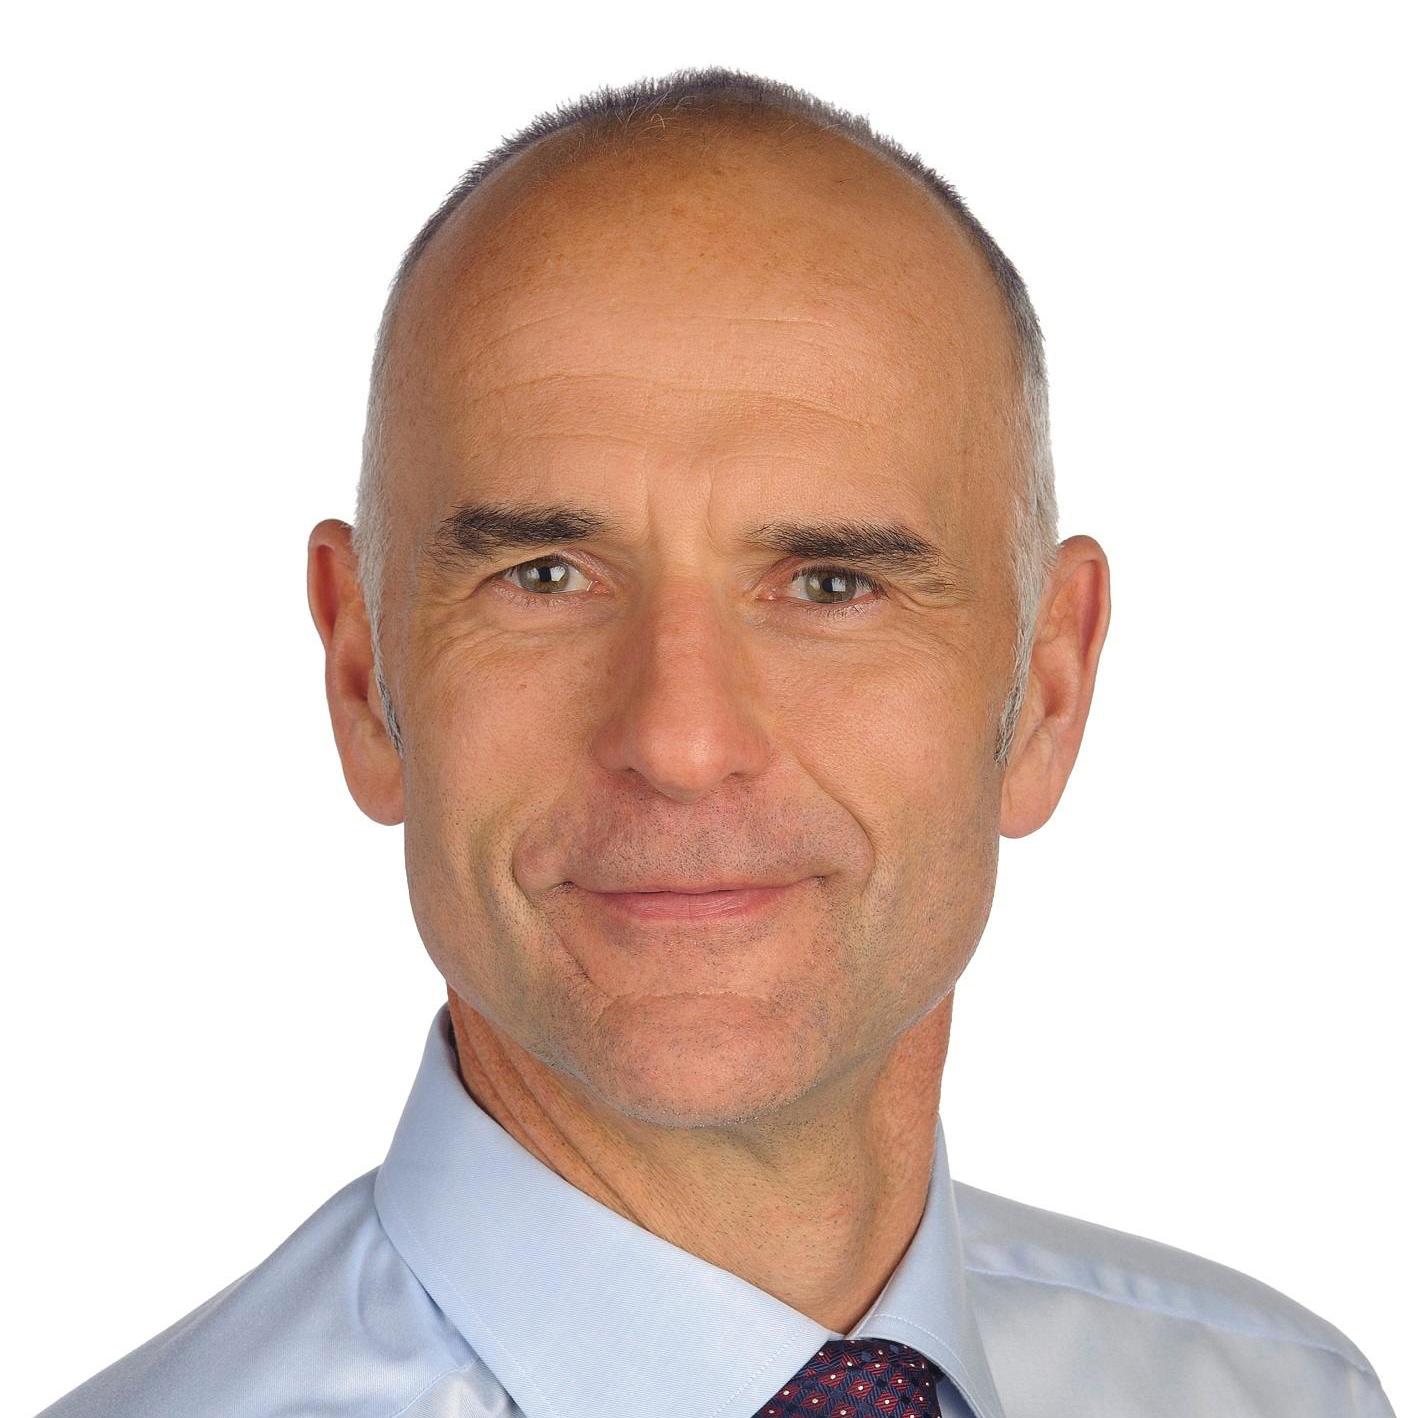 Christian Joerg